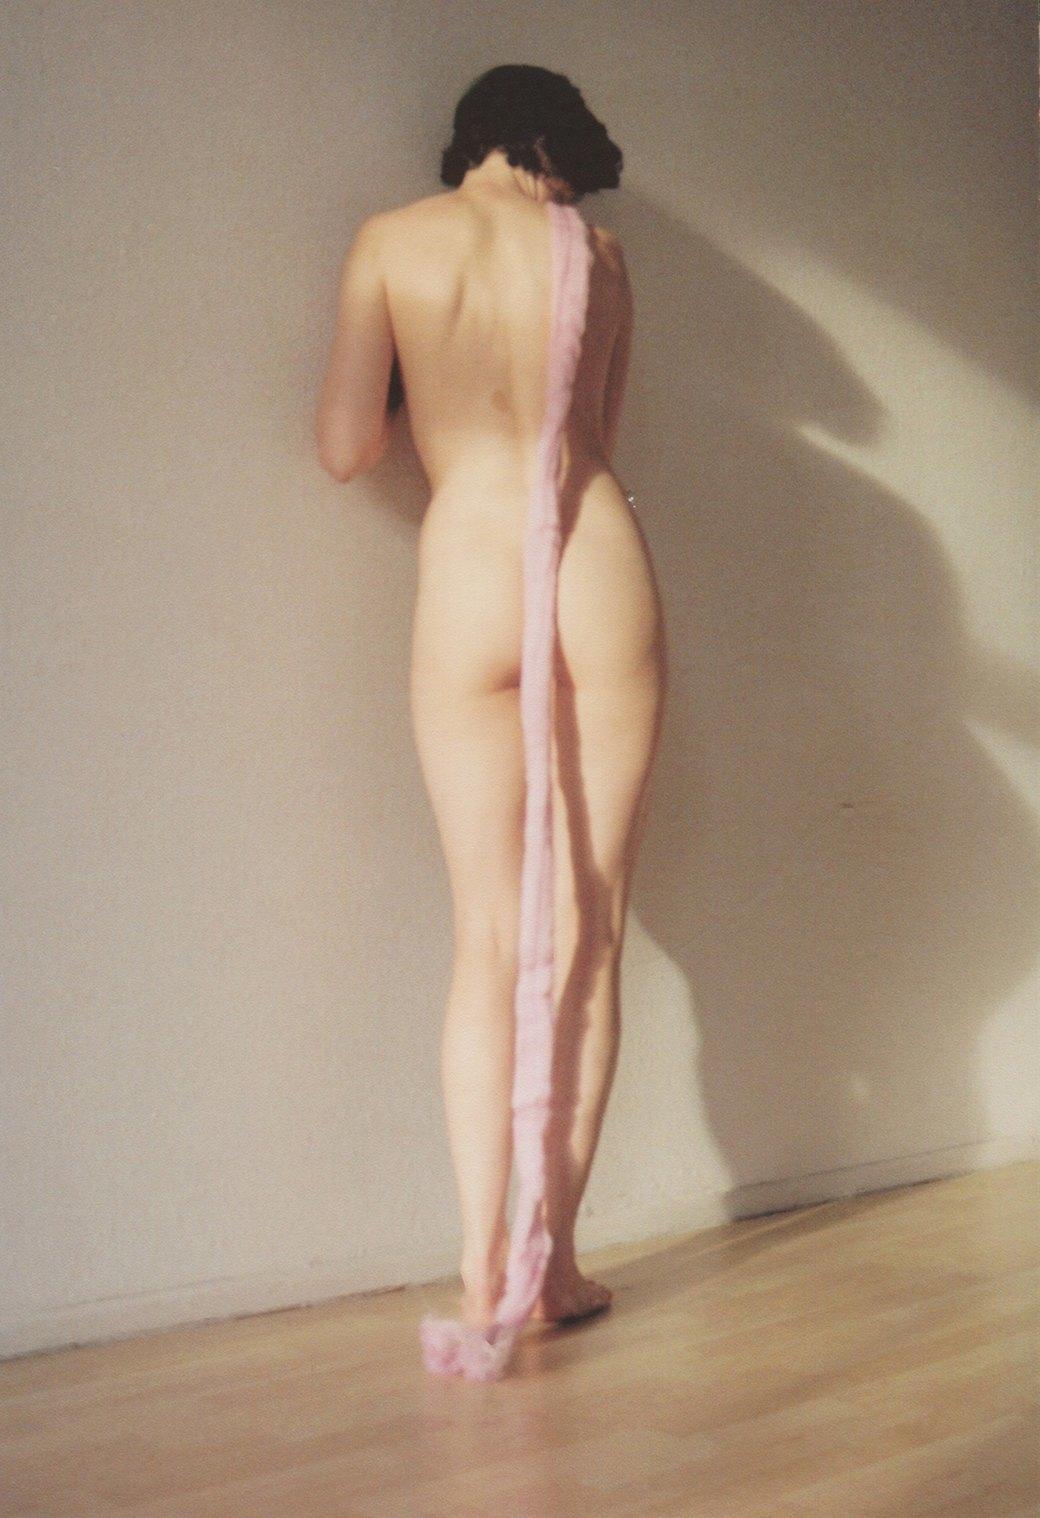 Эйлюл Аслан: Наивная эротика в защиту женщин. Изображение № 5.